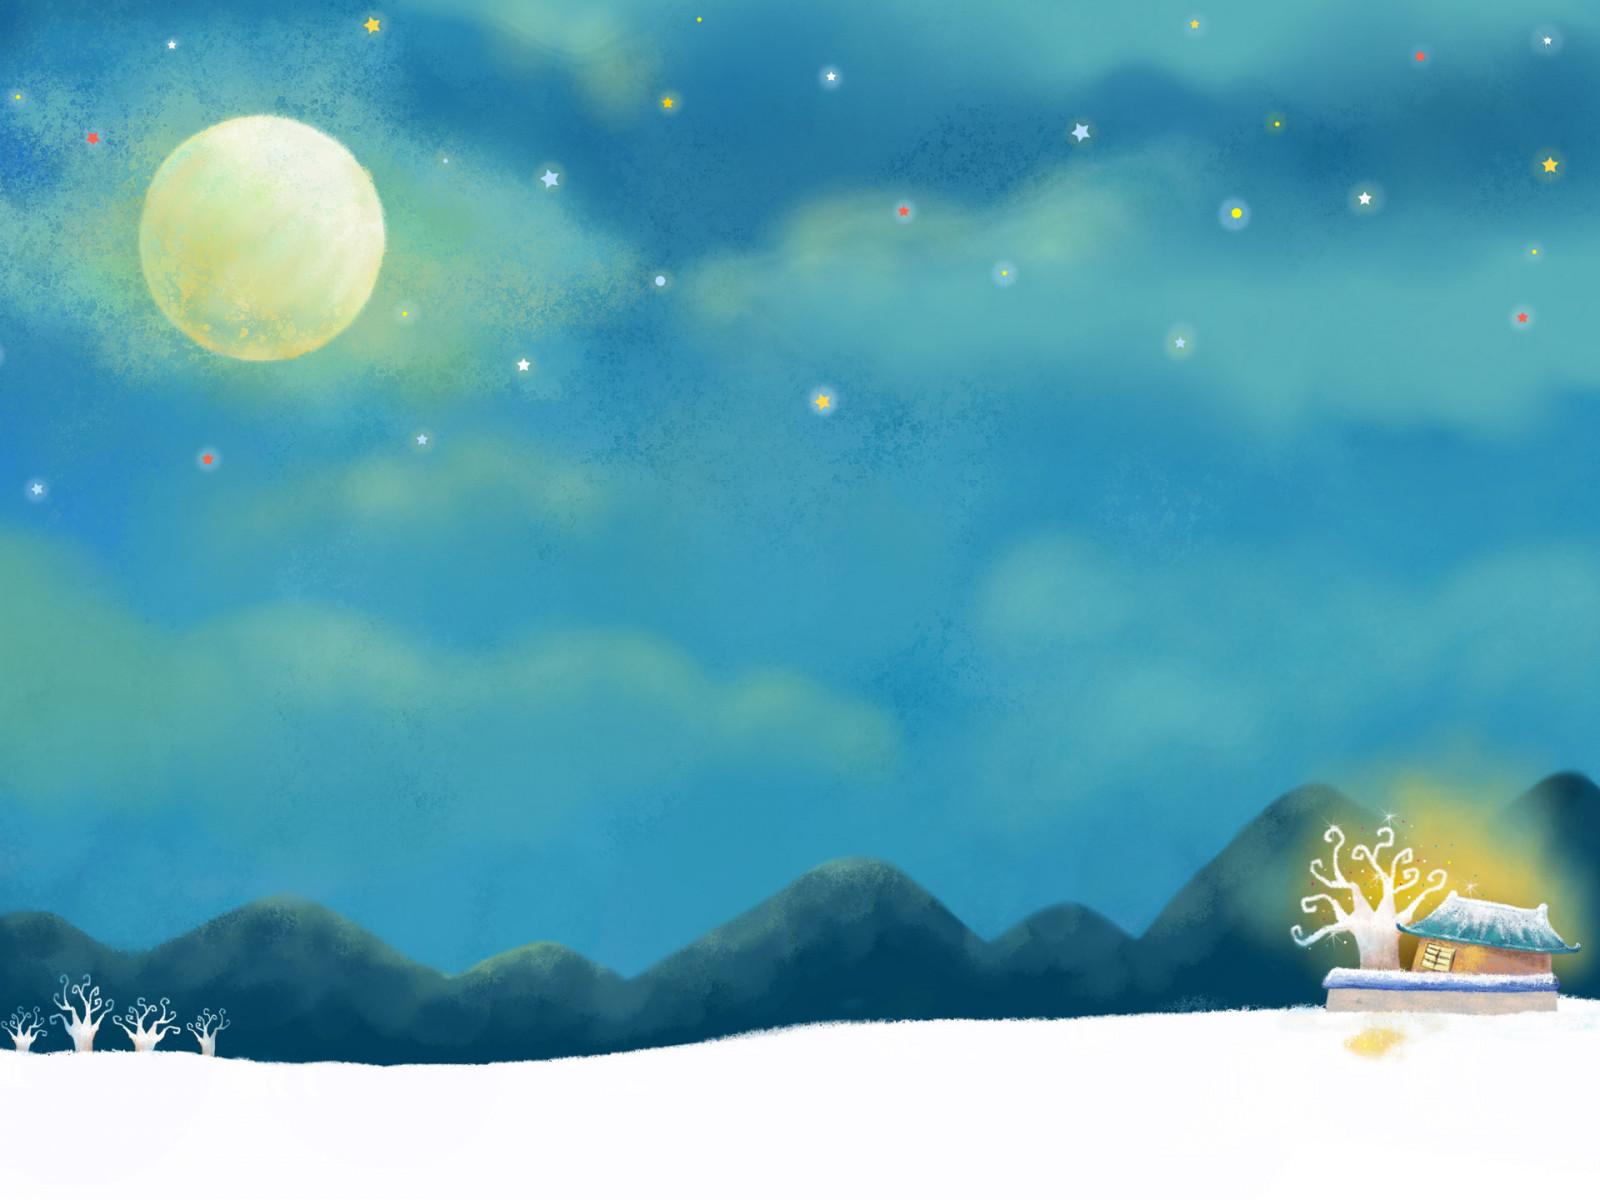 Ночное небо рисунок для детей, крещению ребенка